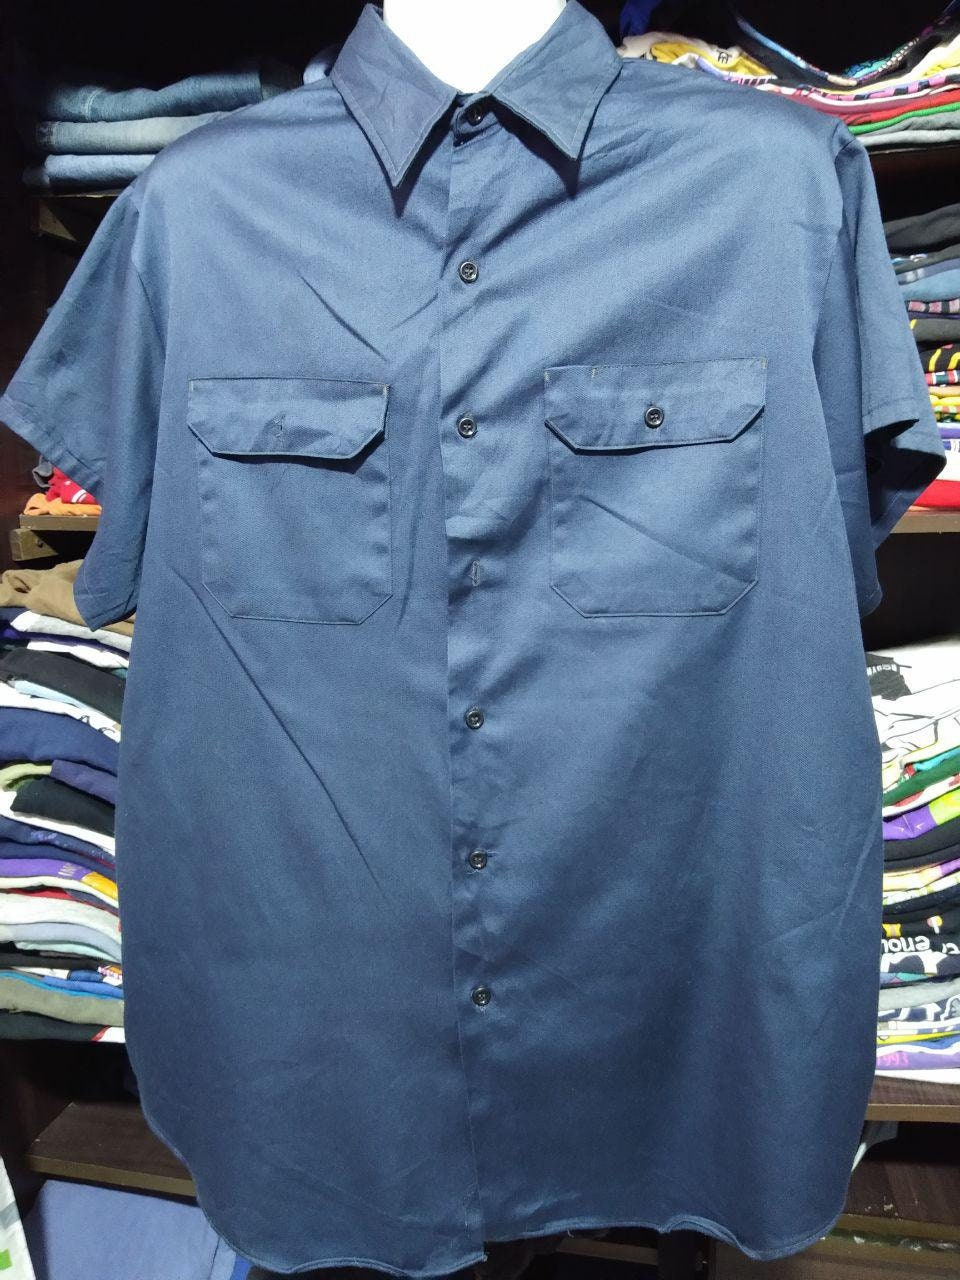 a6d49694b72f Rare Big Mac chemise coton coton chemise travail chemise Vintage vêtements  80 pour homme taille XXL